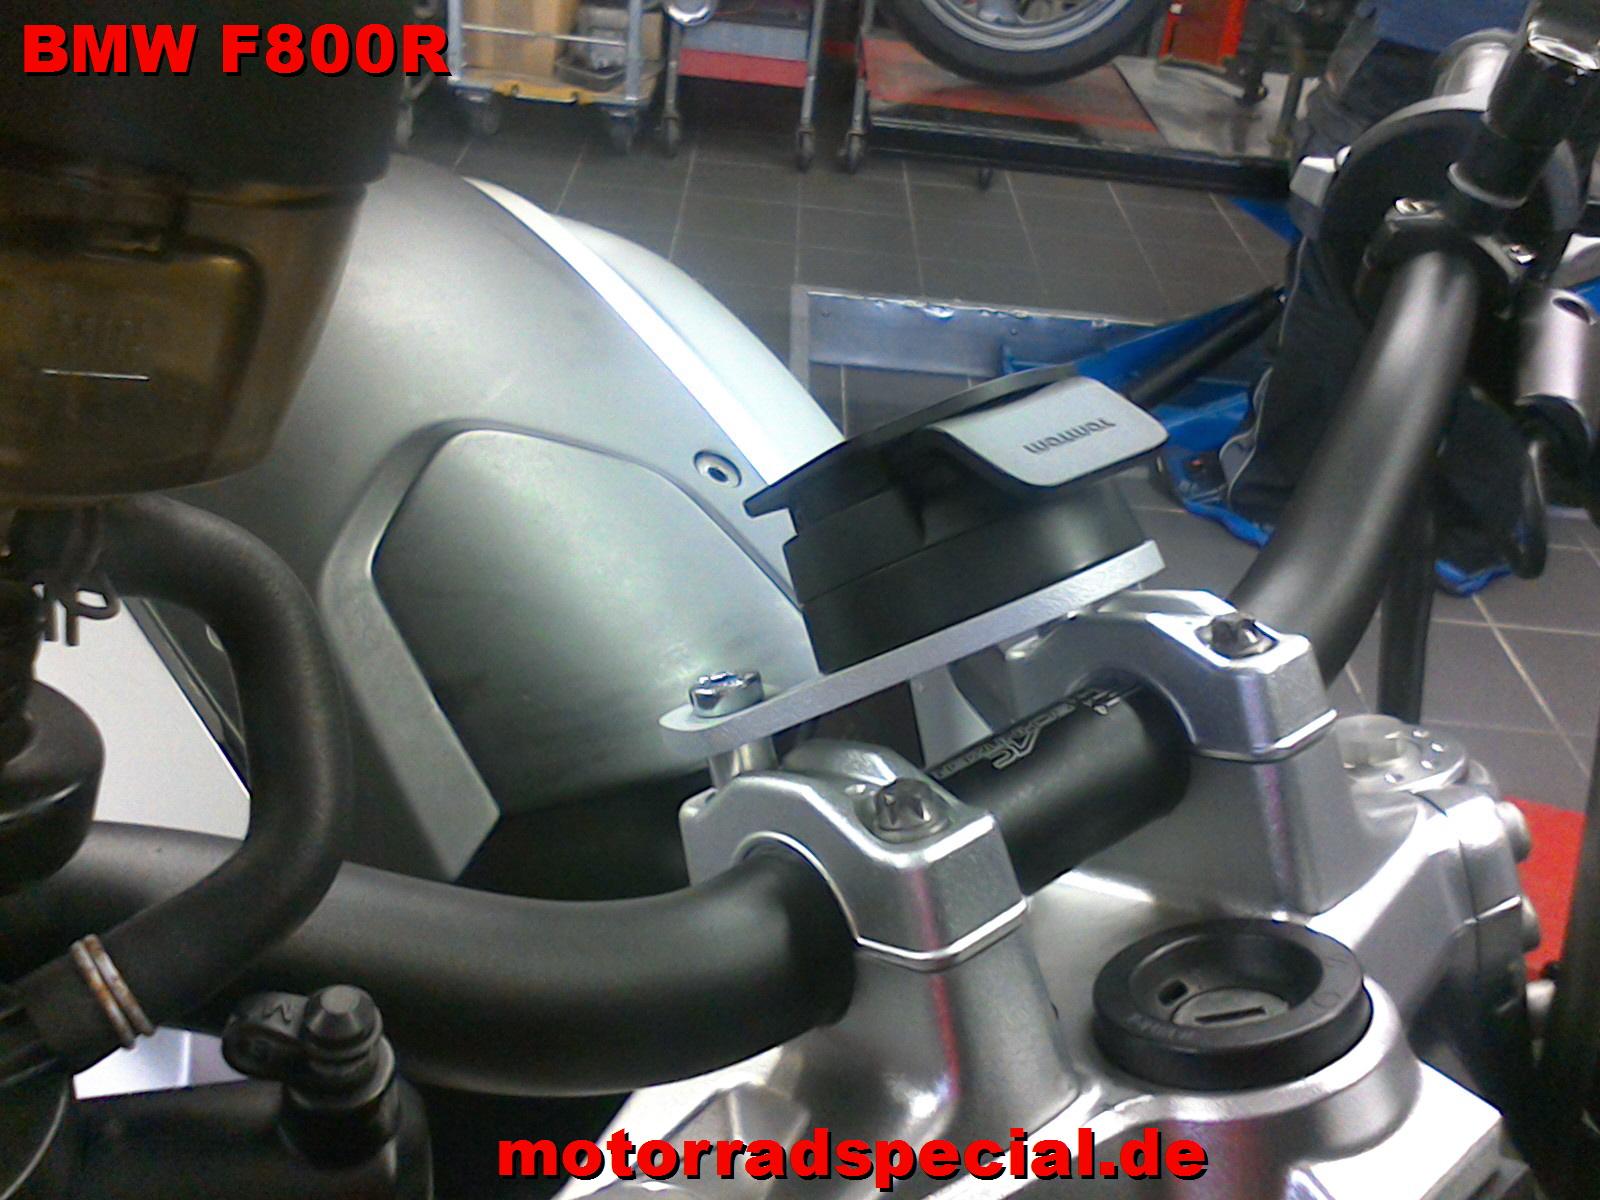 BMW_F800R_Navigationshalter_Navihalter_Navihalterung_5